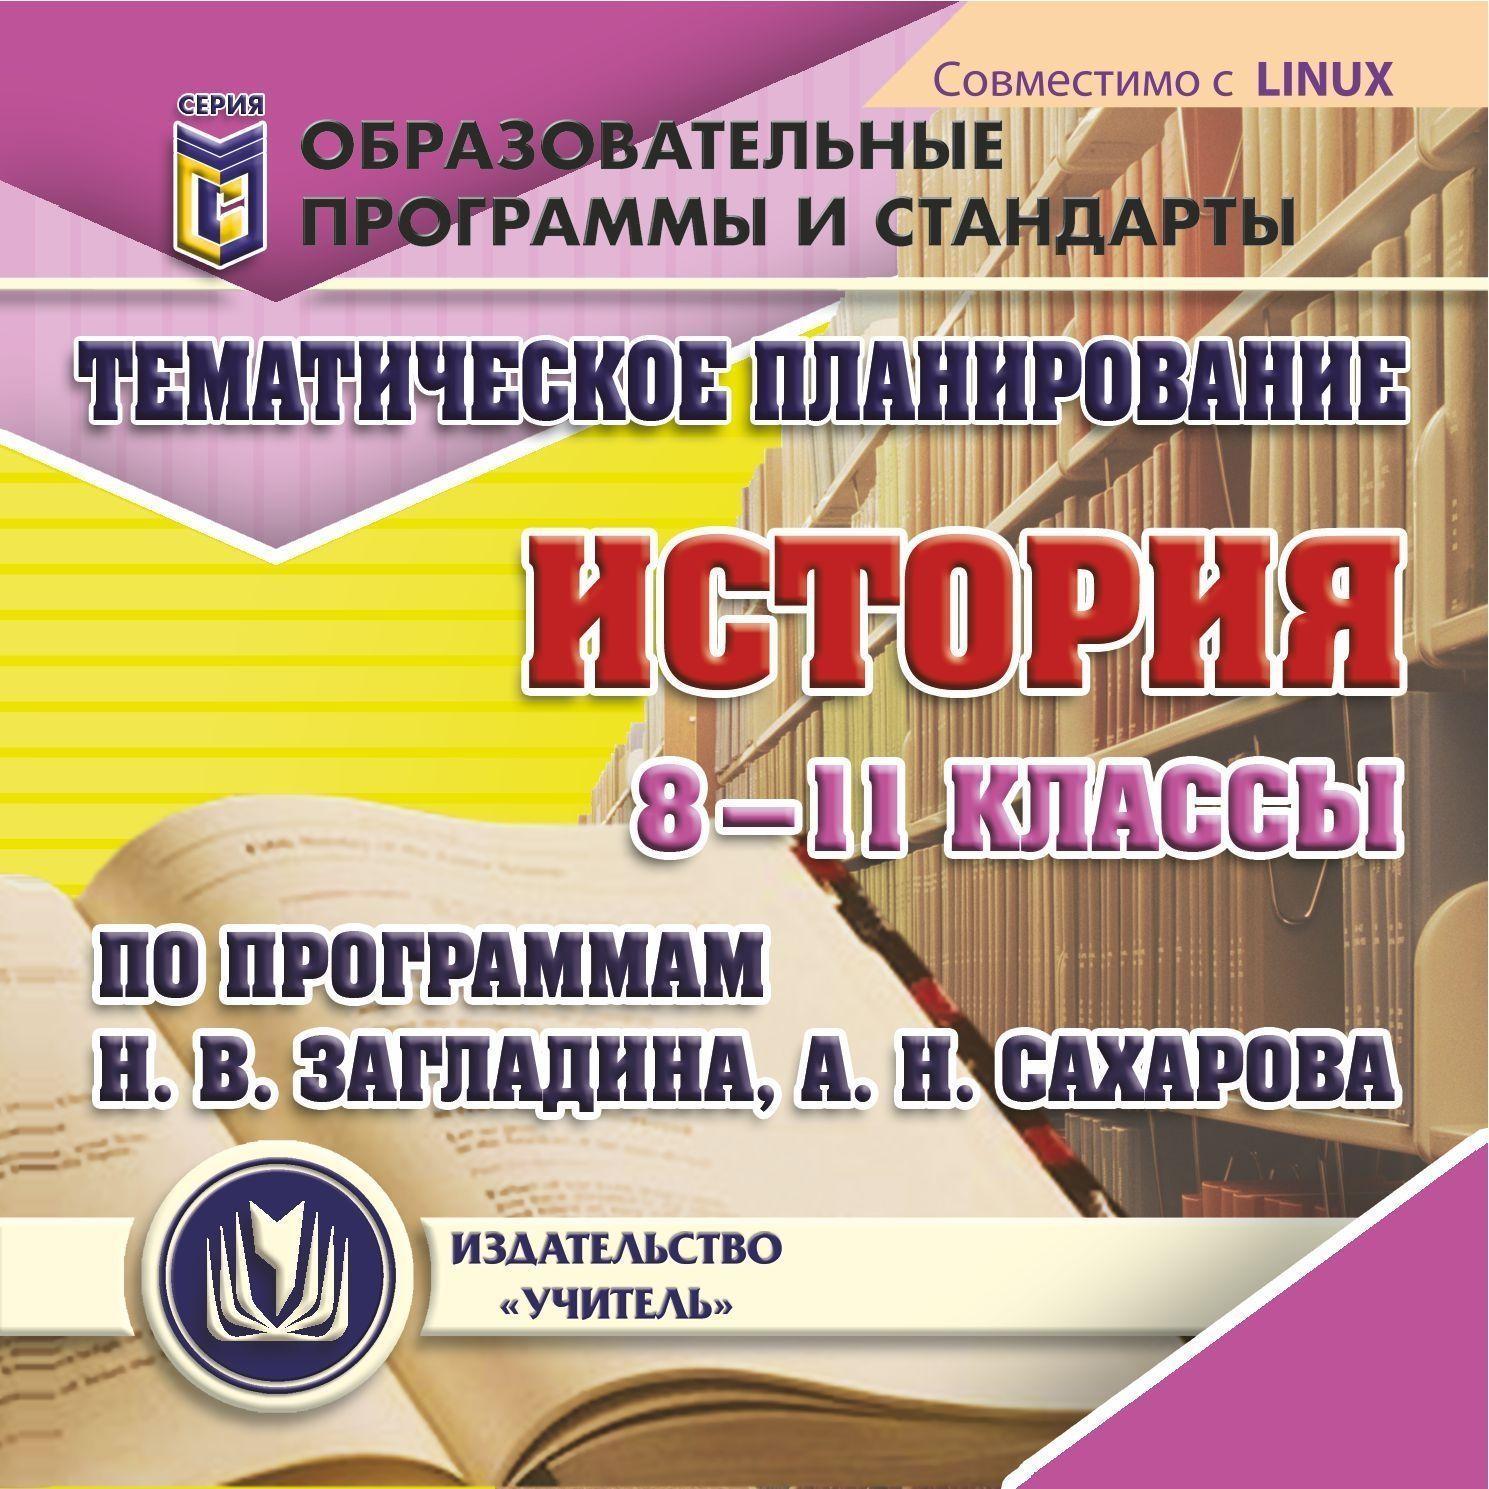 Тематическое планирование. История. 8-11 классы (по программам Н. В. Загладина, А. Н. Сахарова). Компакт-диск для компьютера